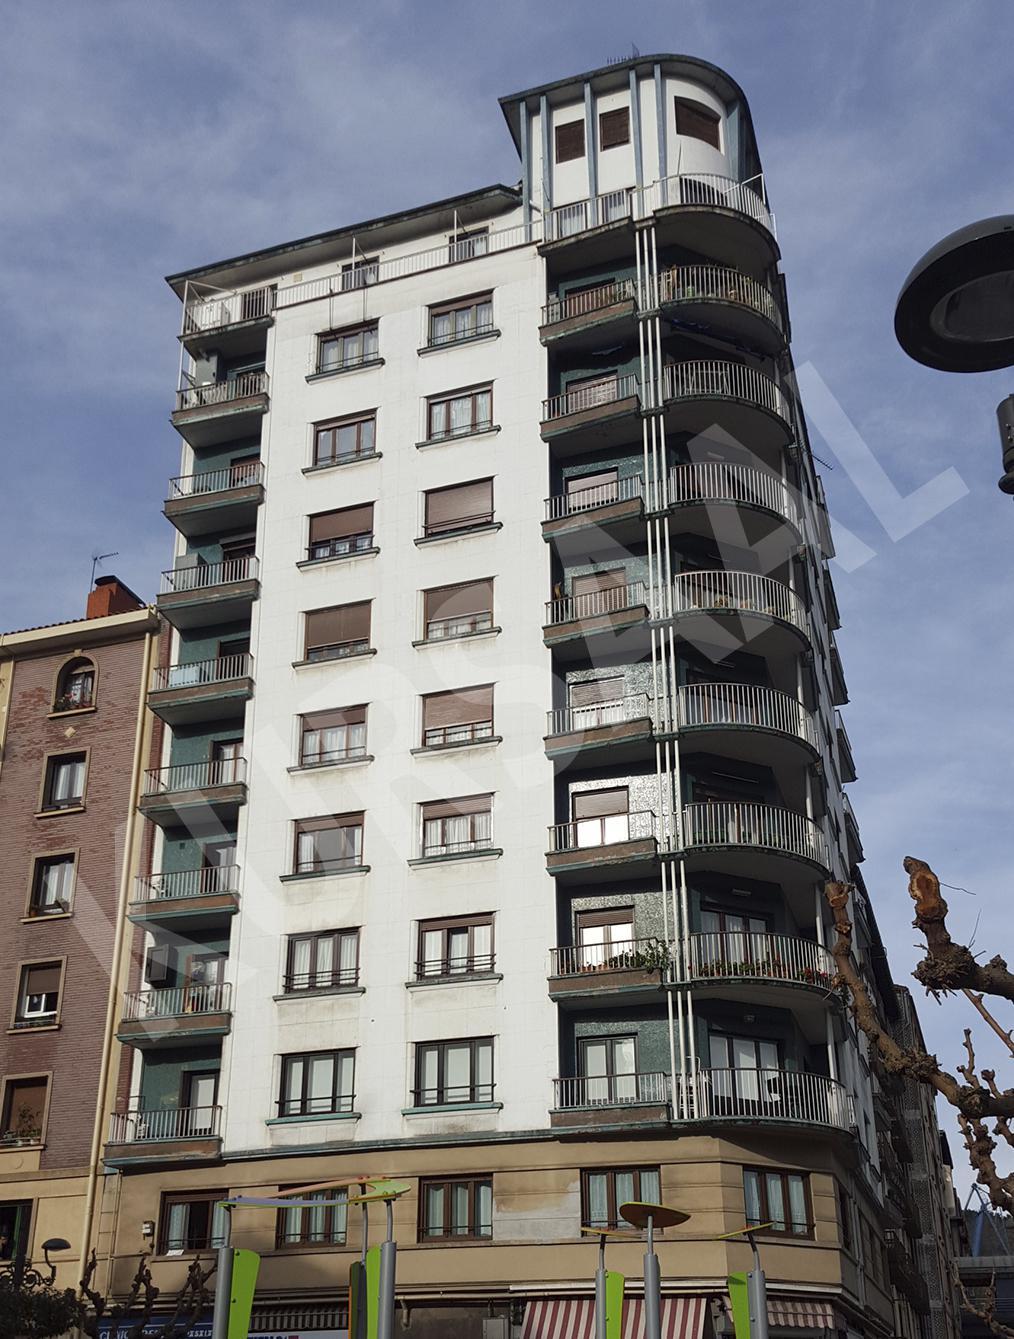 foto 3 - Aislamientos Térmicos y Eficiencia Energética-Gure Zumardia 3-PASAIA, GIPUZKOA